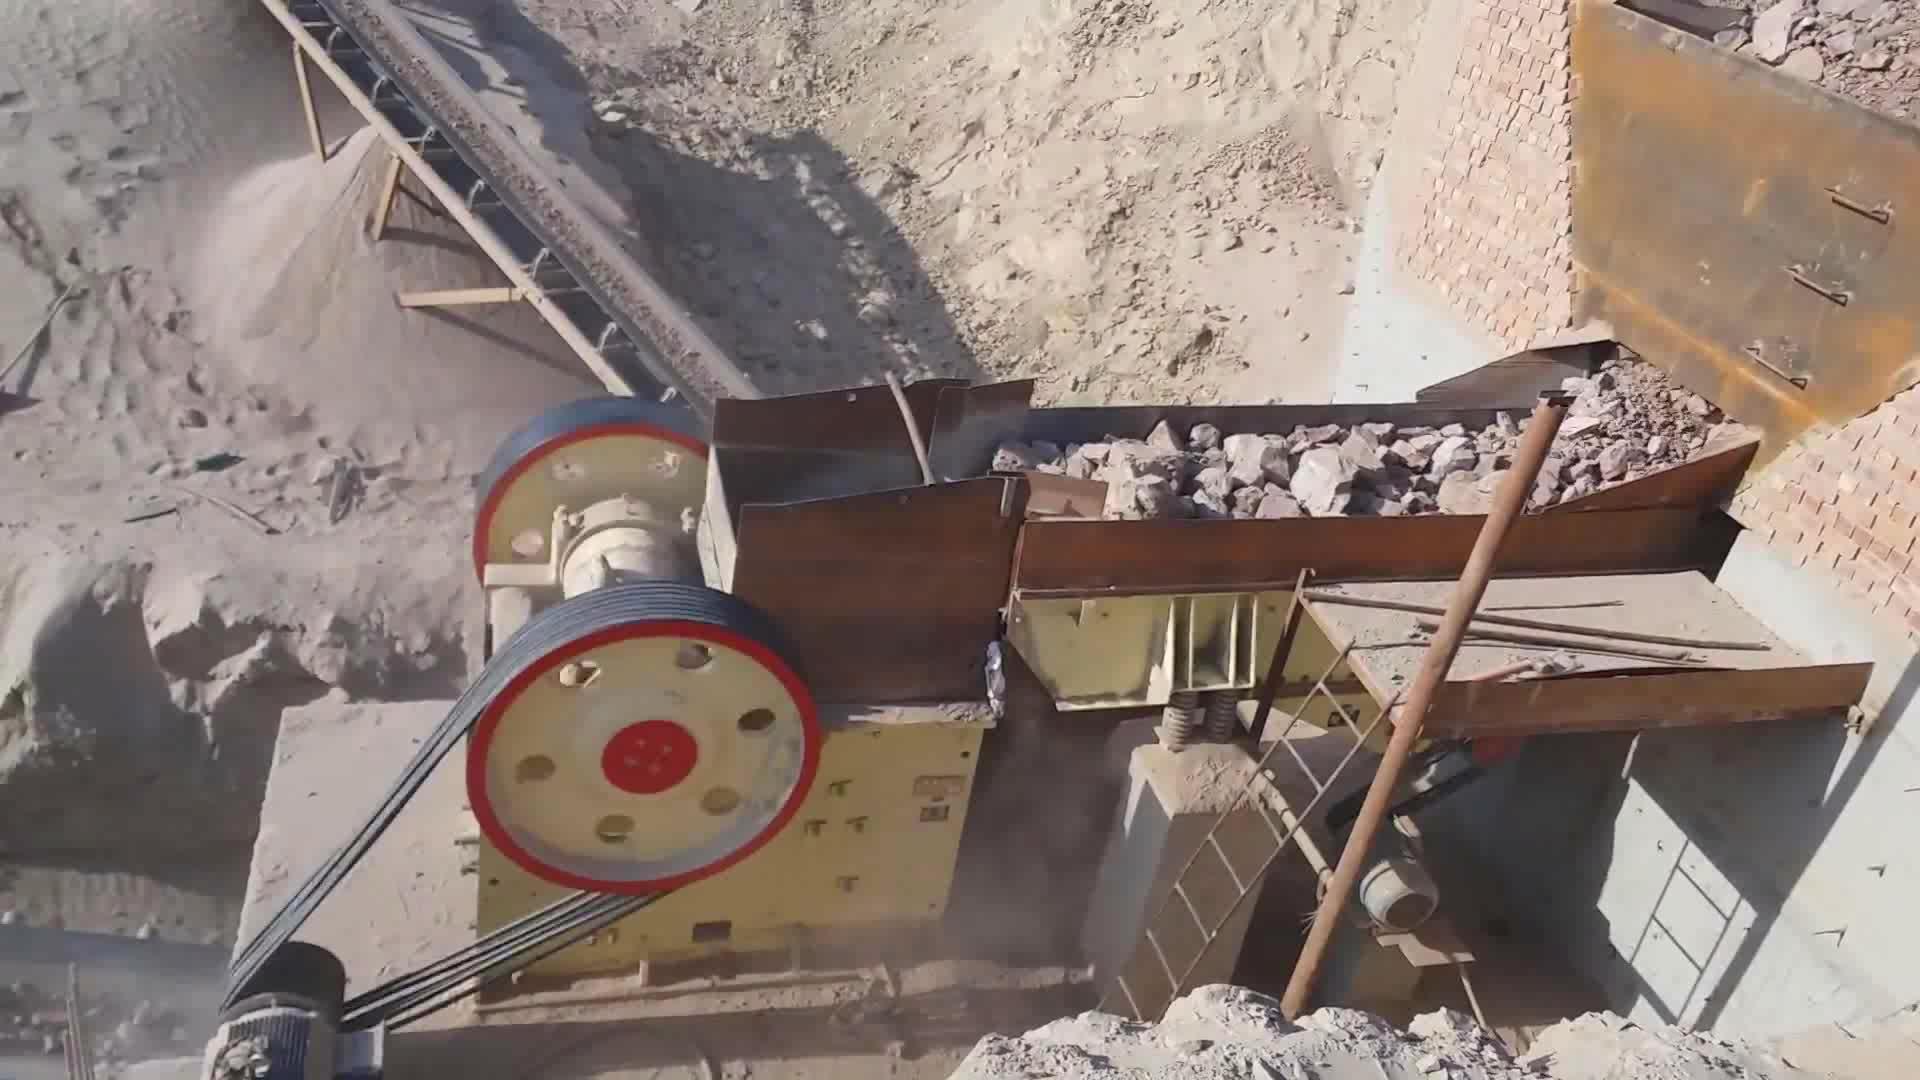 дробилка для бетона своими руками